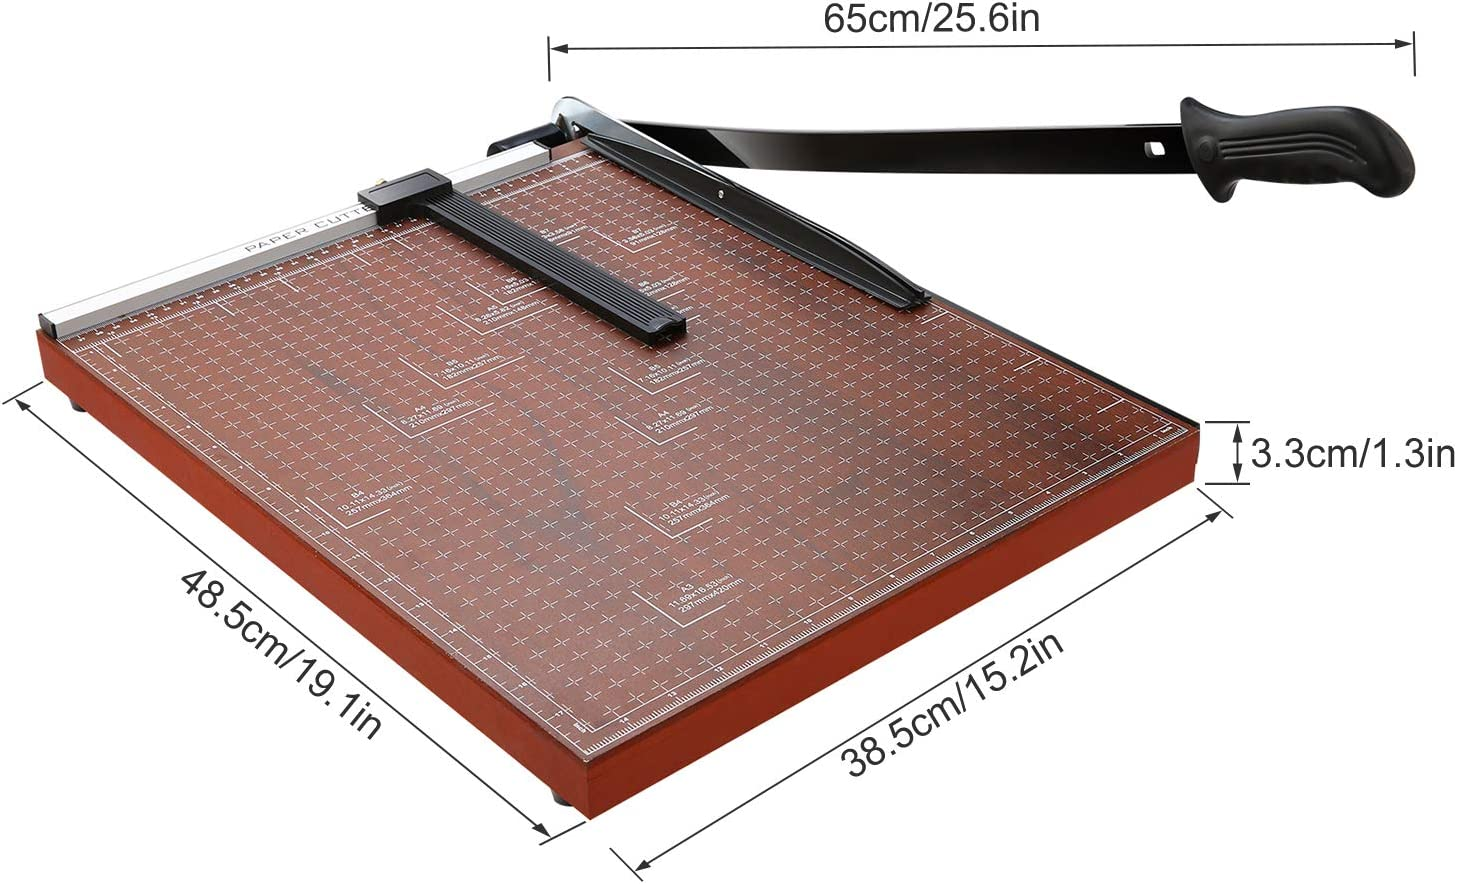 Gitterpapier strapazierf/ähig 30,5 cm Schnittl/änge Trimmer Metallbasis Foto-Schneidemaschine 10 Blatt Kapazit/ät f/ür B/üro Zuhause rot A4 Papierschneidemaschine